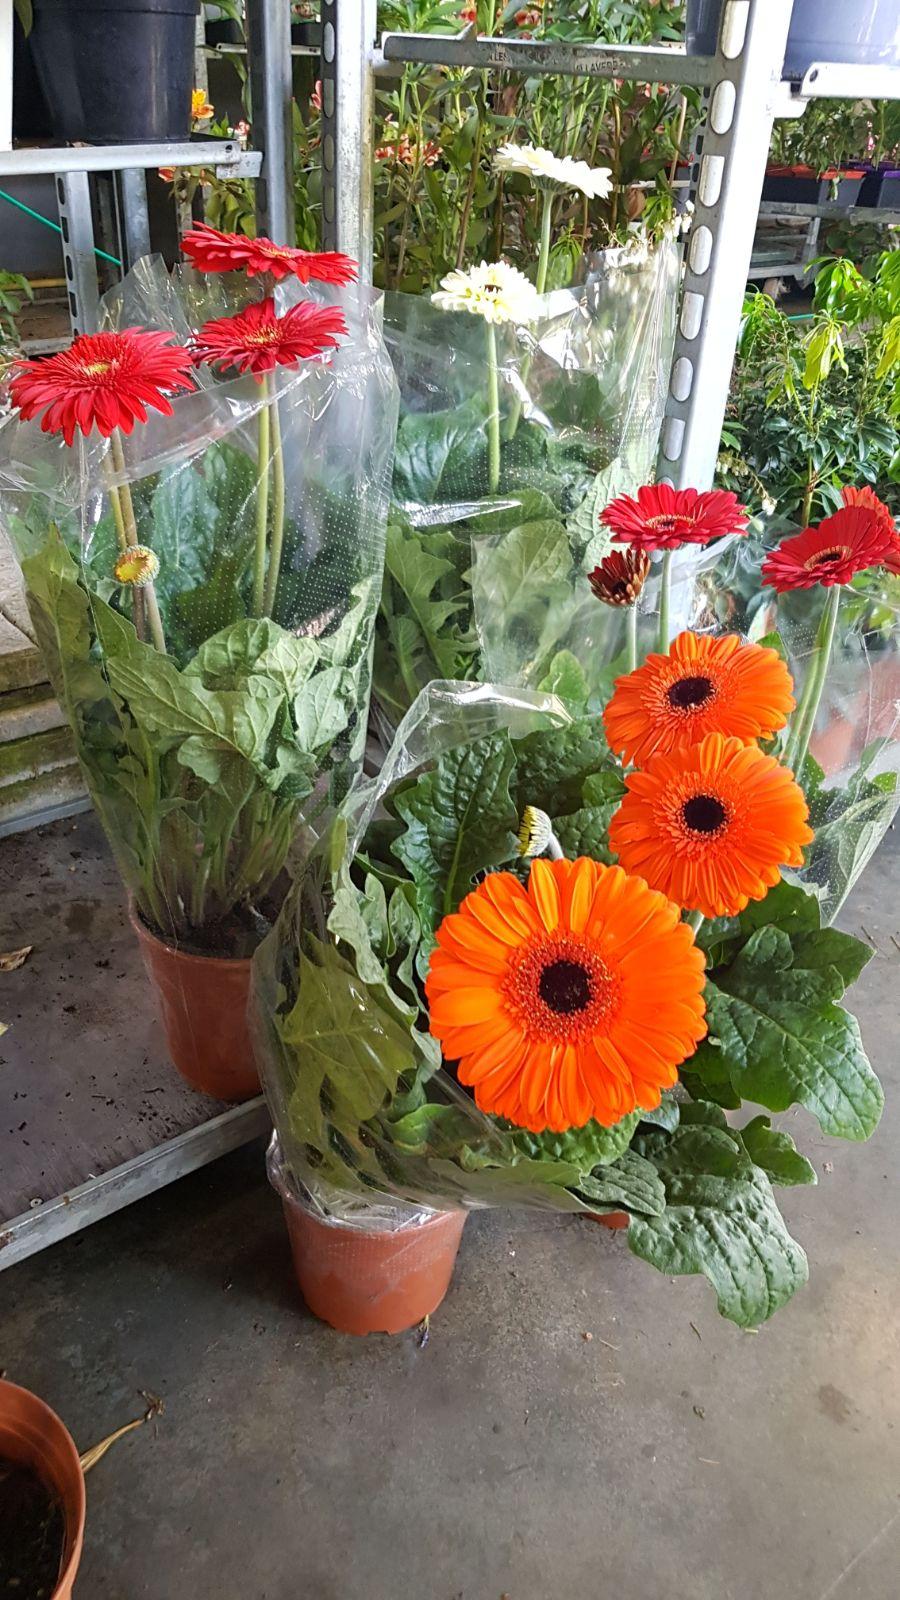 Jardinerie Pas Cher Toulouse bax destockage vegetal et horticole toulouse 31790 - 06.49